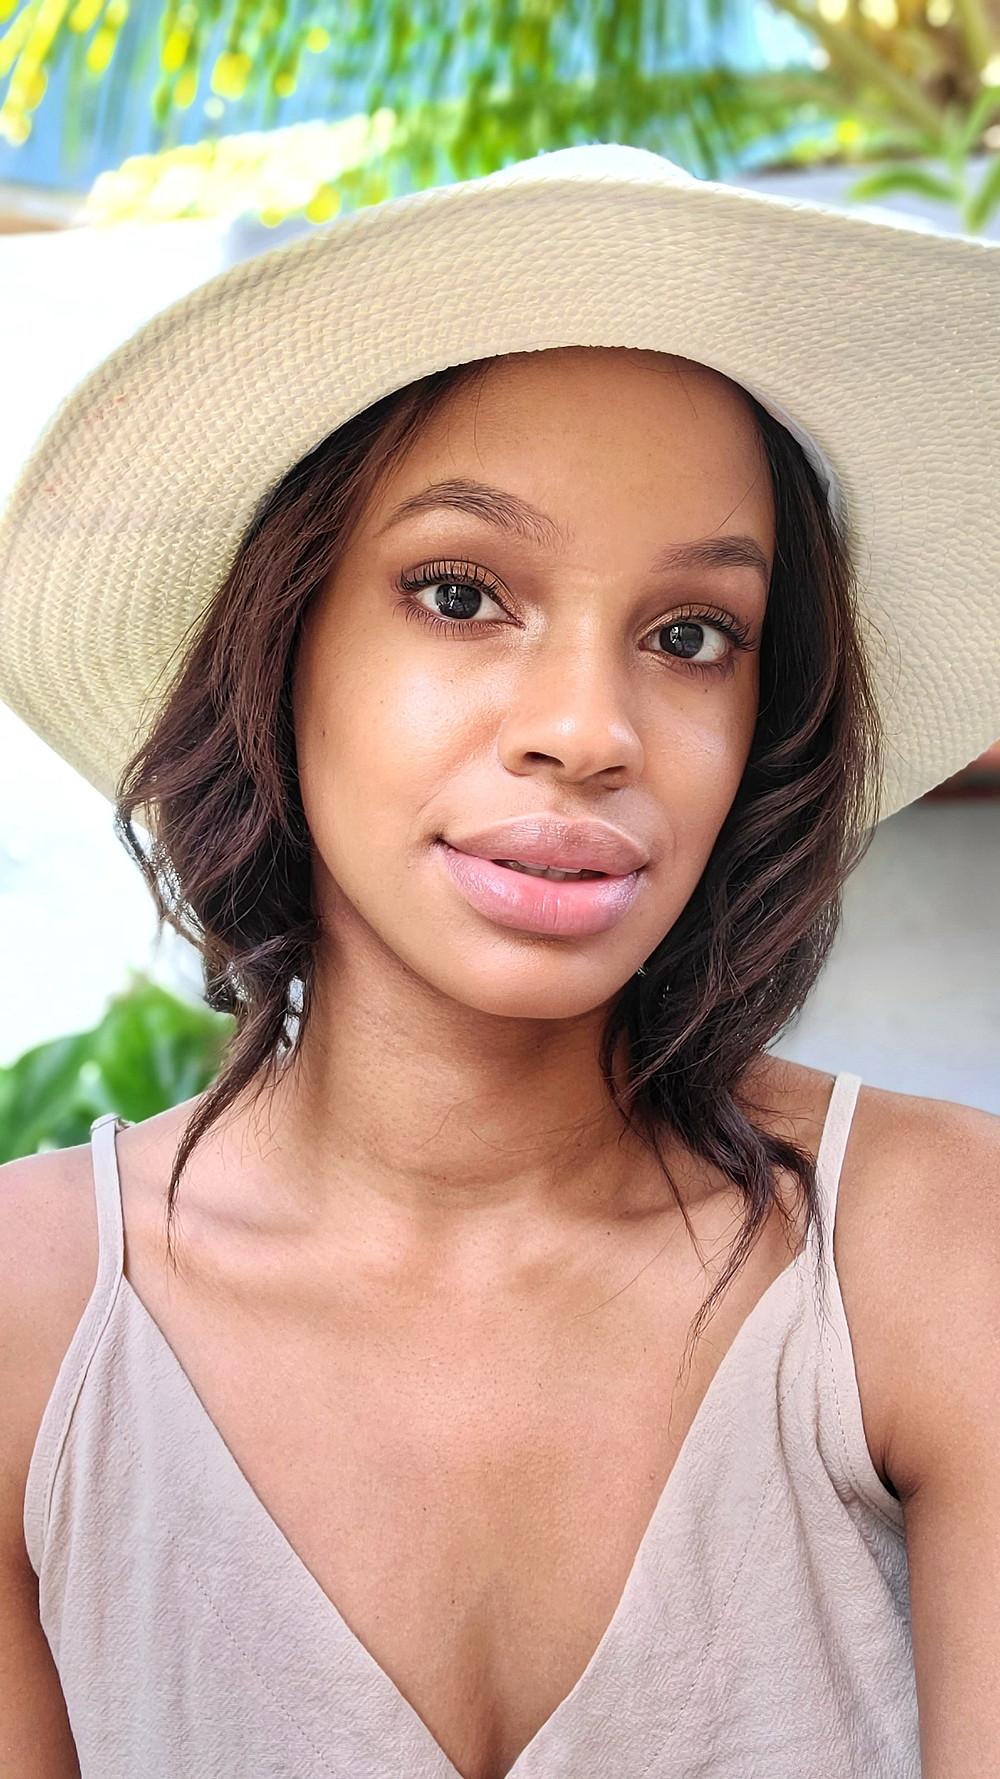 Chantelle Tatyana blog outdoors